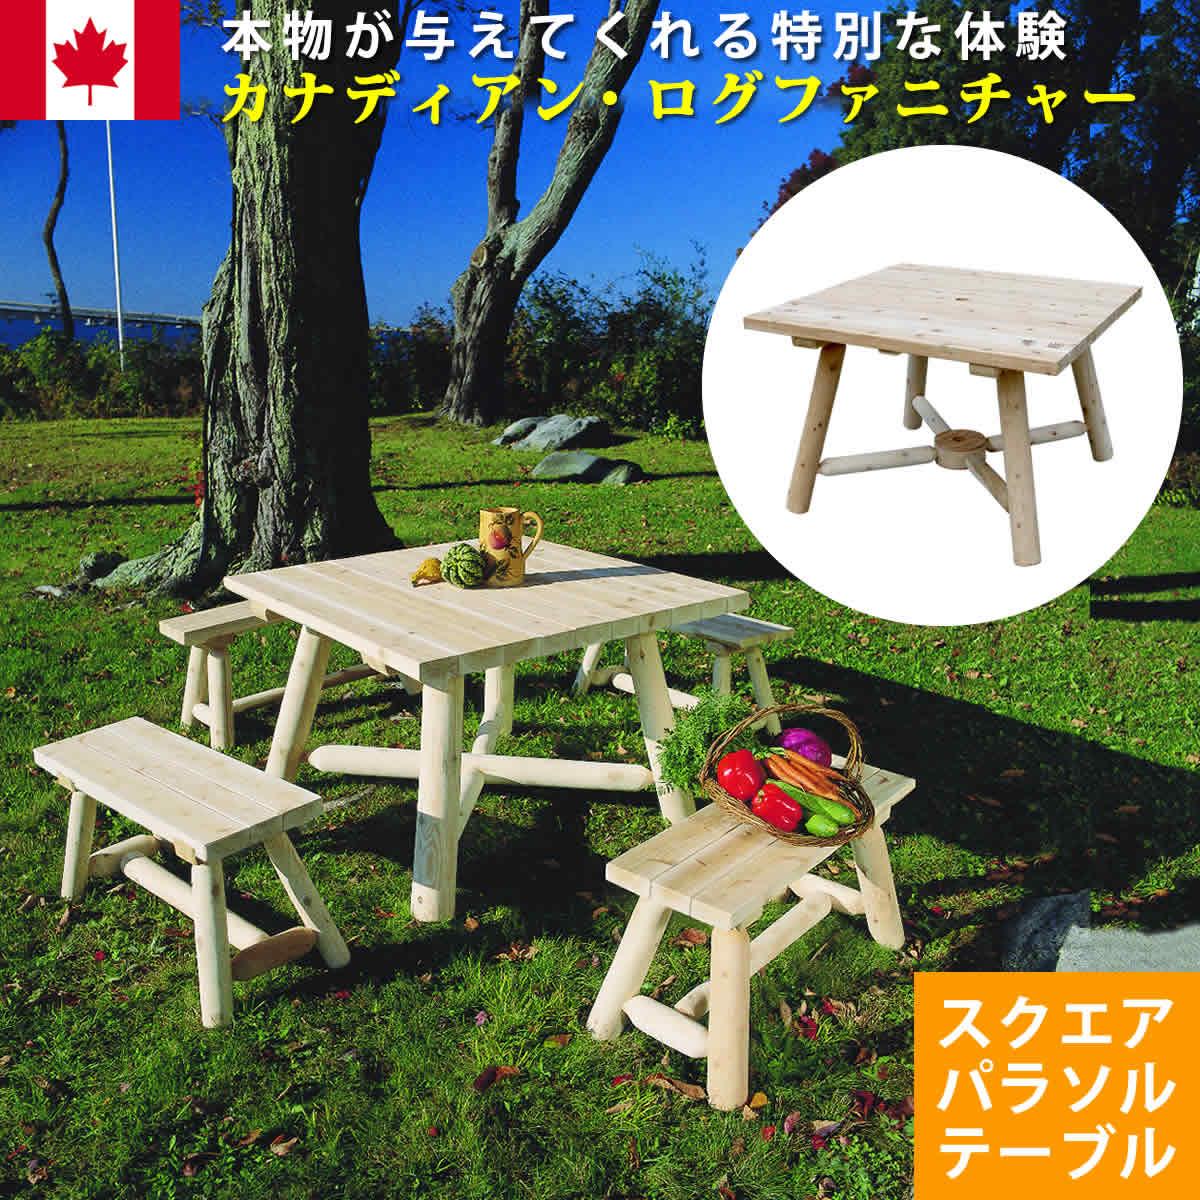 在庫限り!【送料無料】 丸太のテーブル! Cedar Looks 〔シダールックス〕 スクエアパラソルテーブル ホワイトシダー